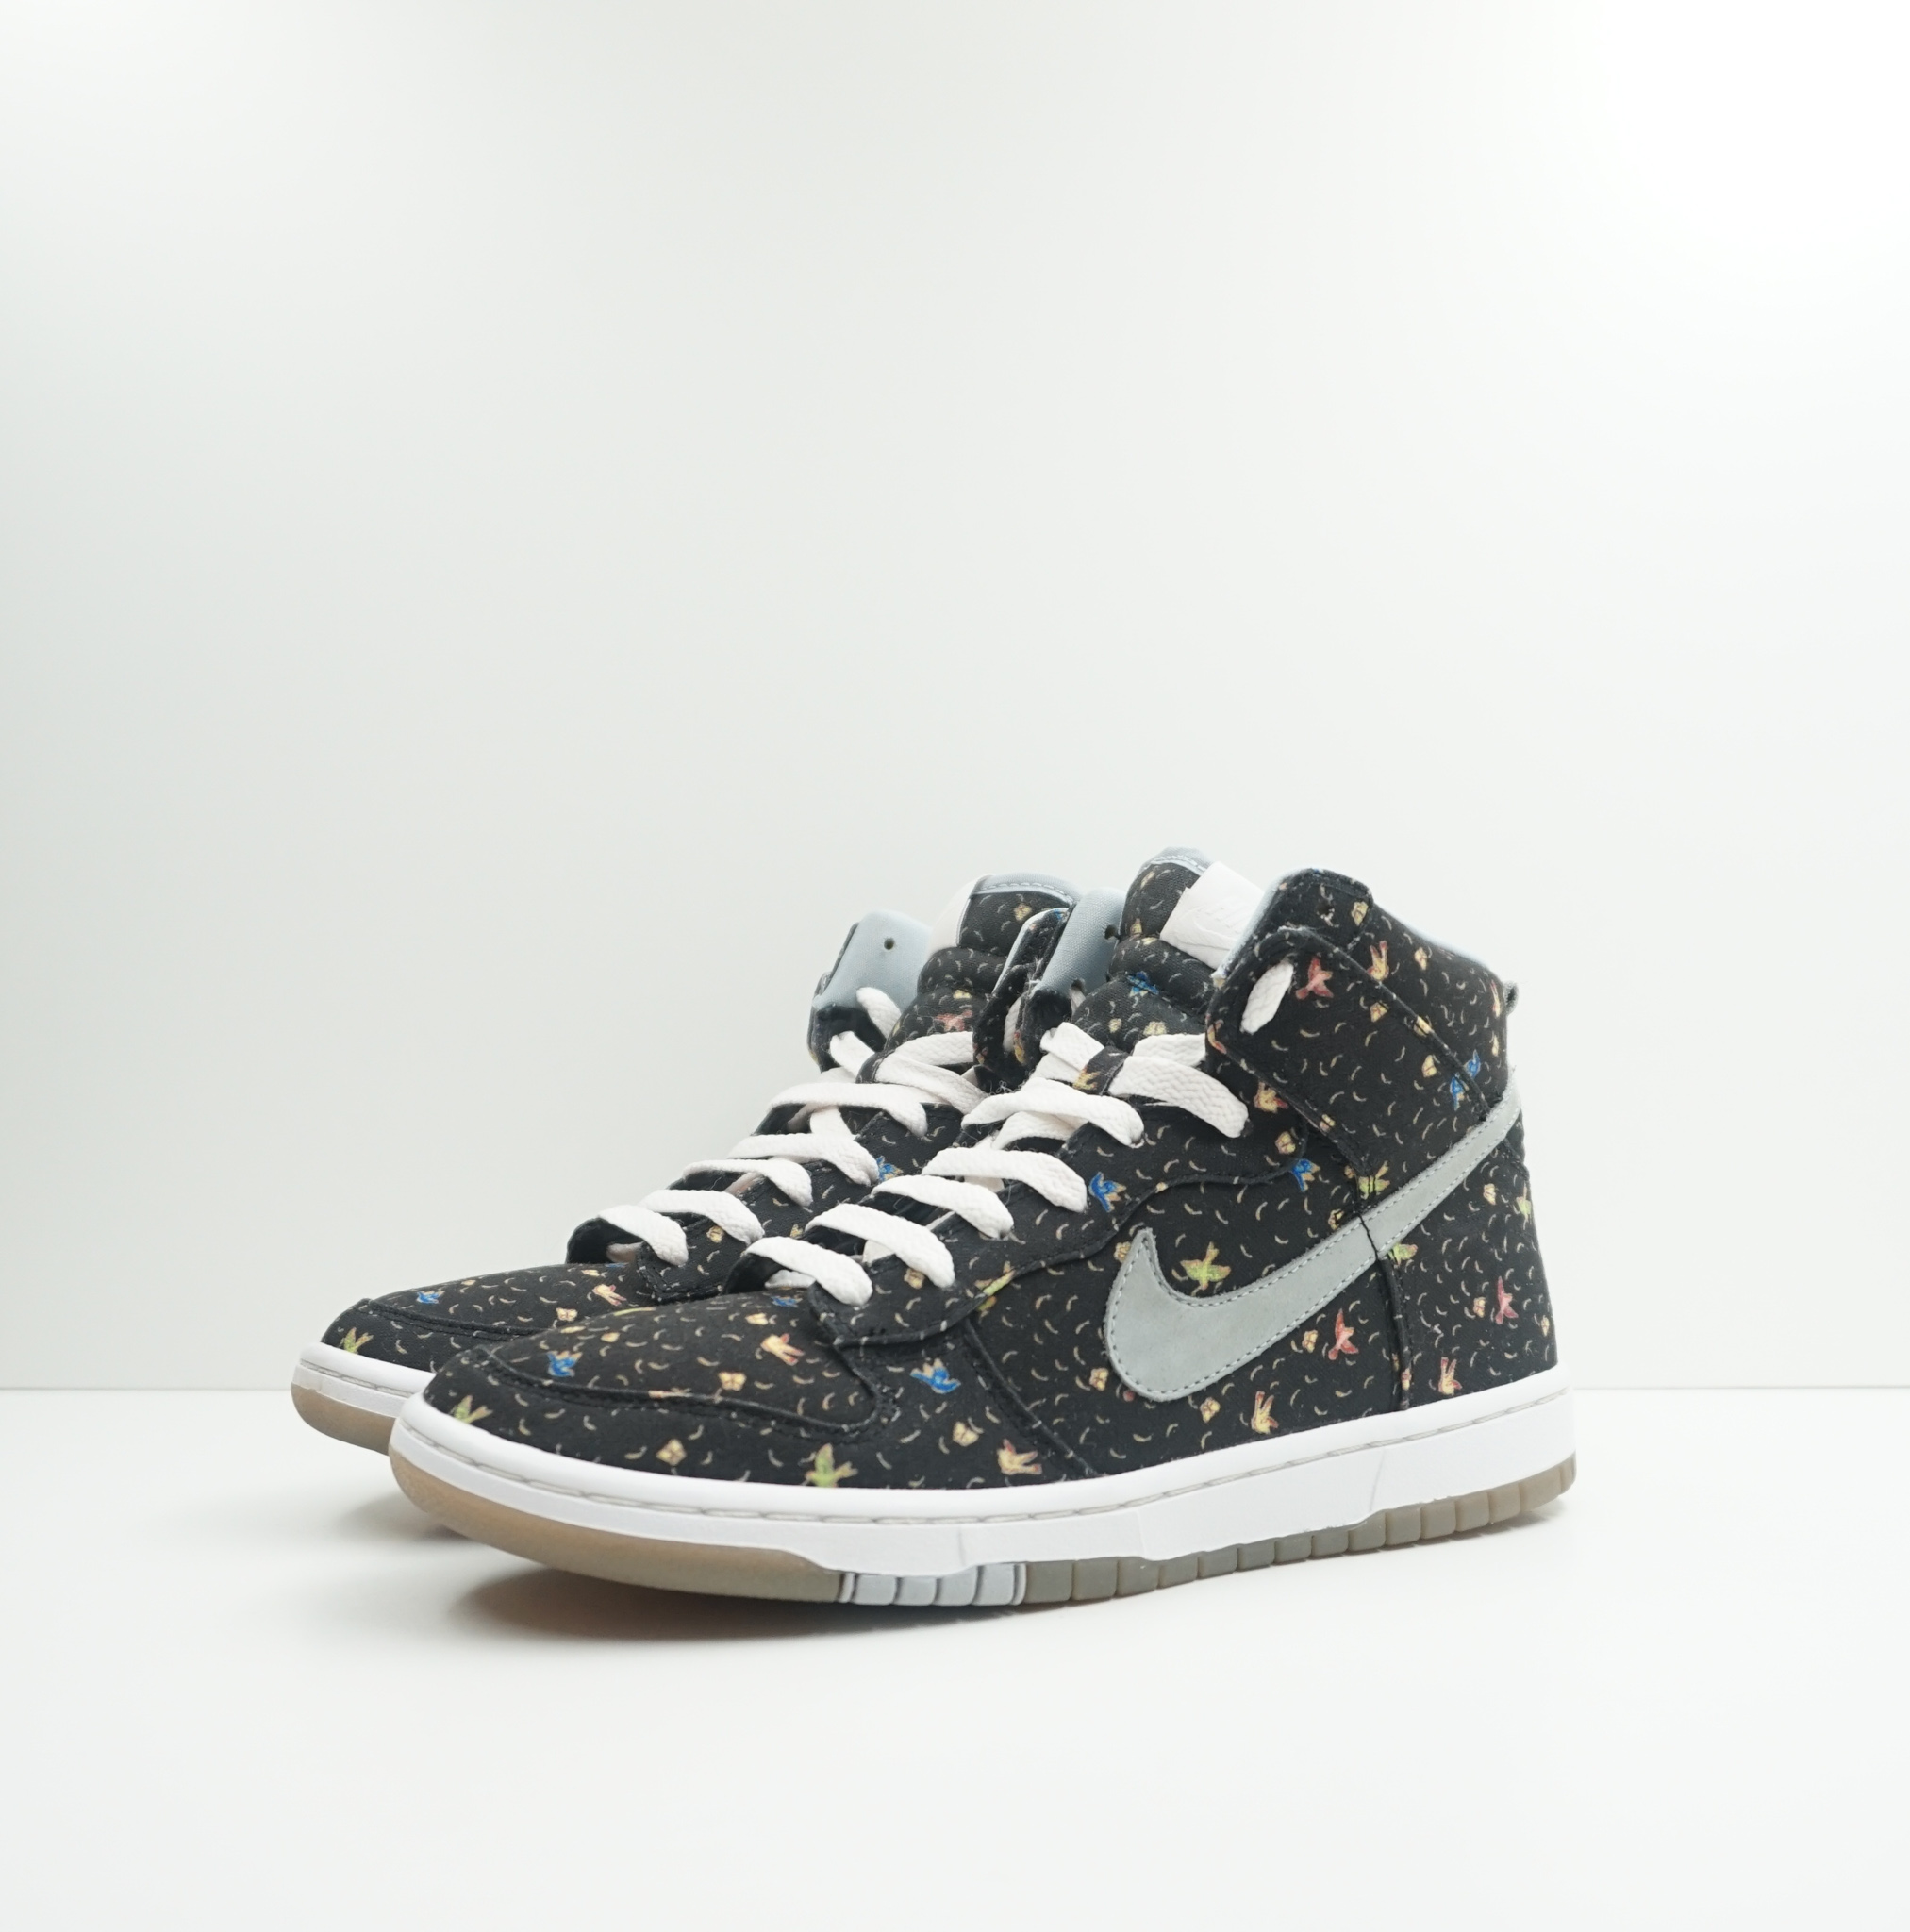 Nike Dunk high Skinny supreme Wmns